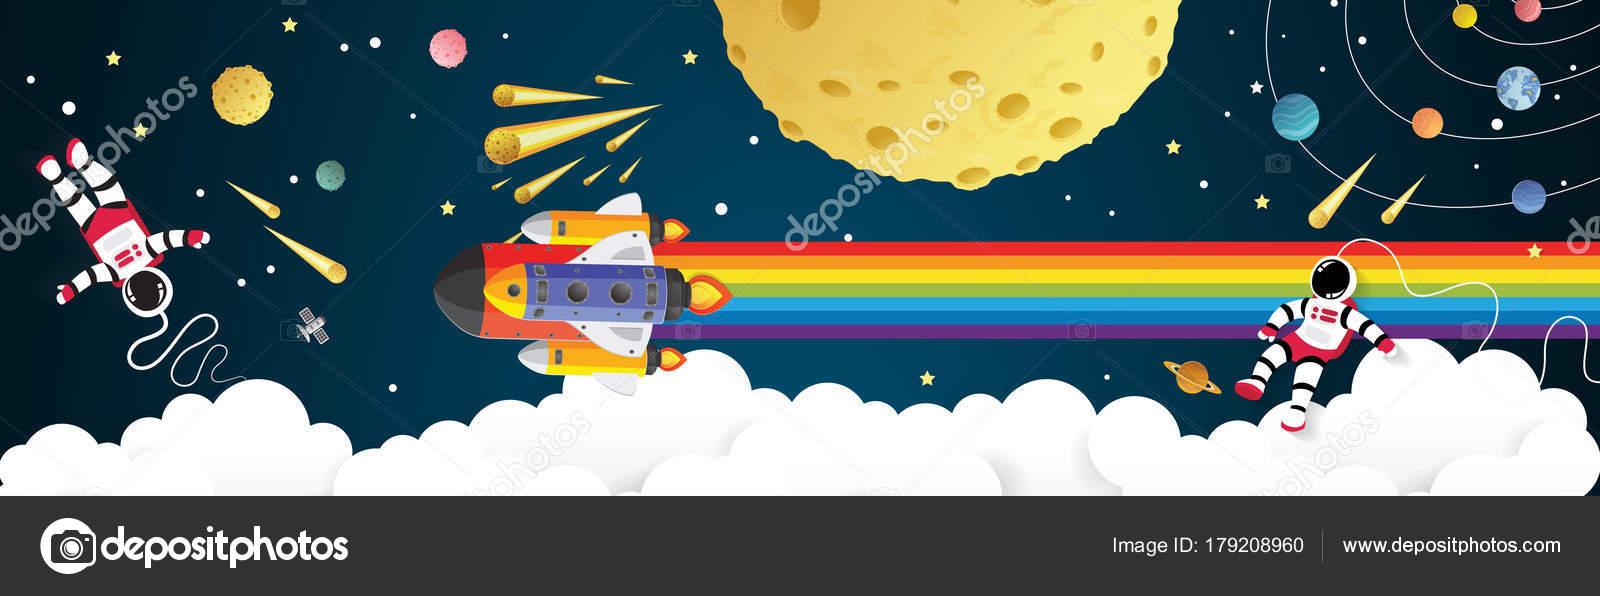 Cohete De Astronauta Y Vintage De Dibujos Animados: Dibujos Animados De Astronautas En La Luna Con Una Nave